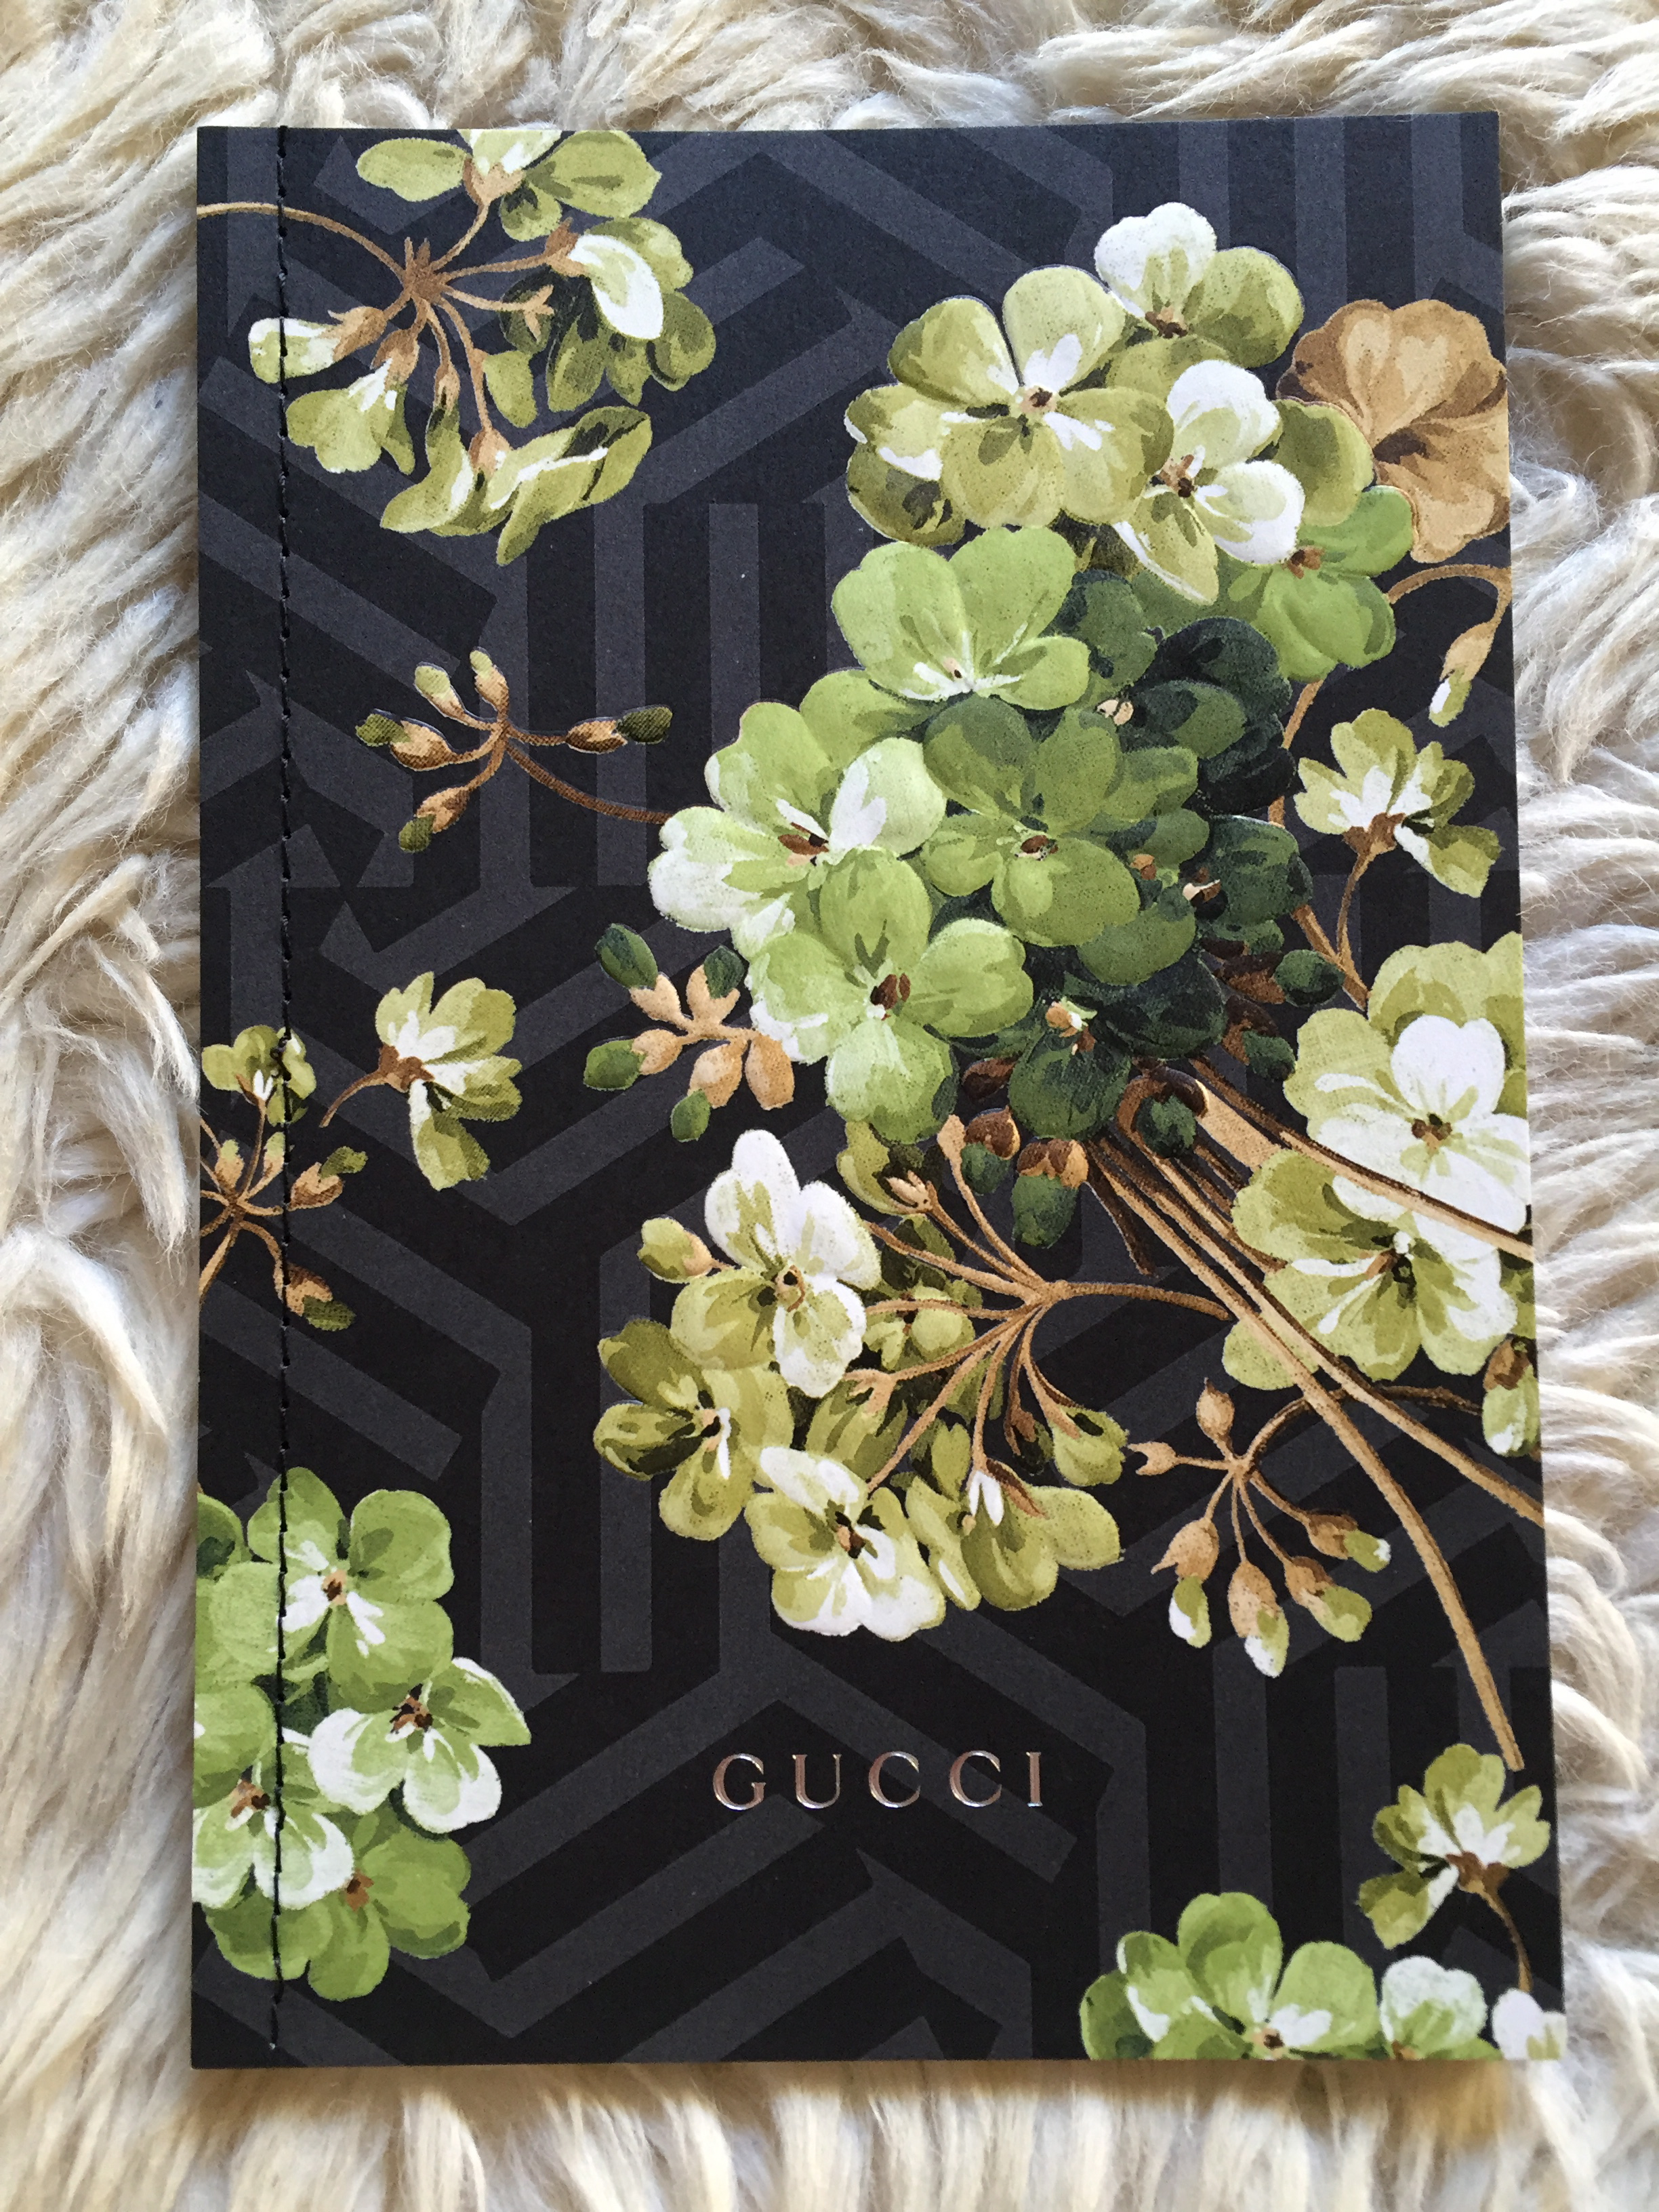 Gucci cat logos colecciones 2015 2016 for Catalogo bricoman 2015